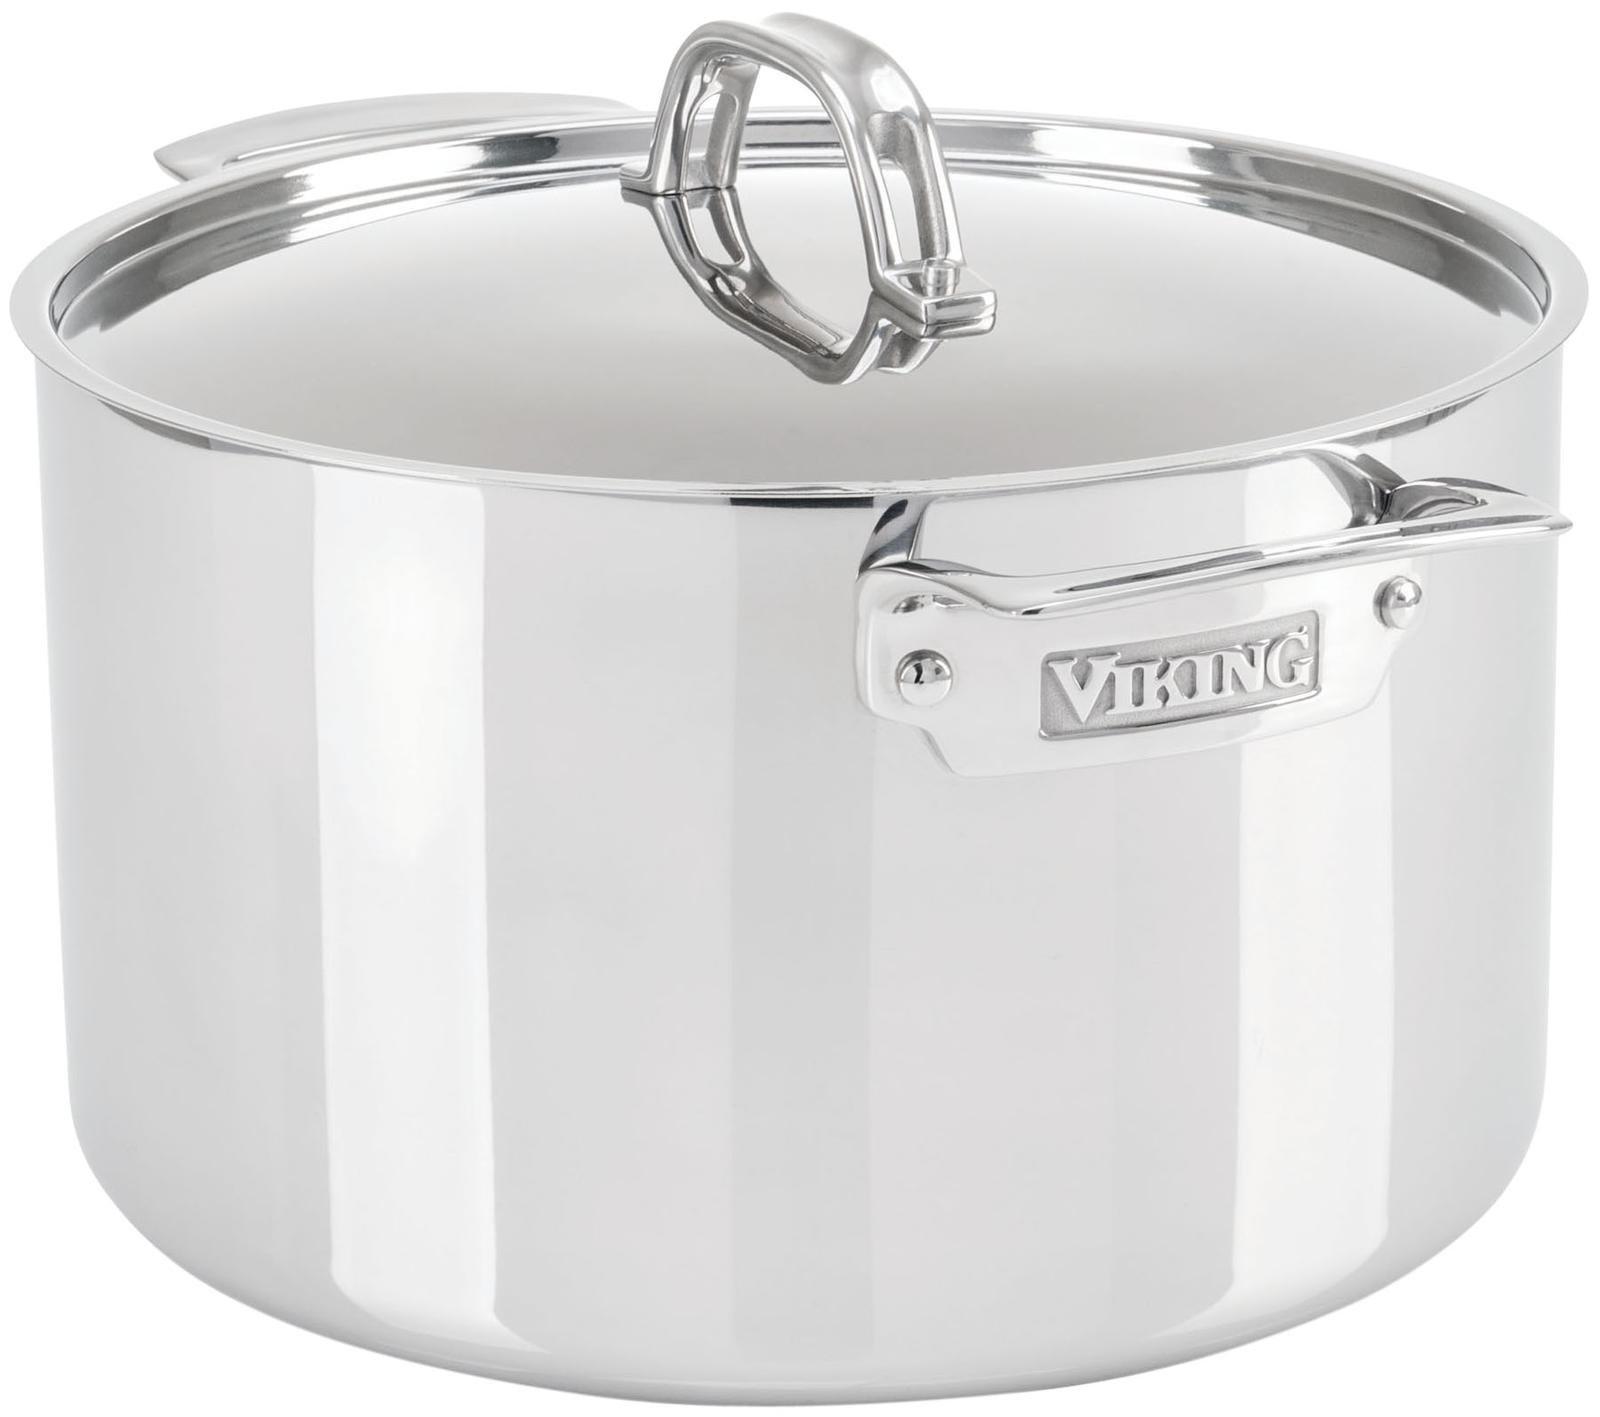 Viking 3-Ply Stainless Steel Stock Pot, 8 Quart